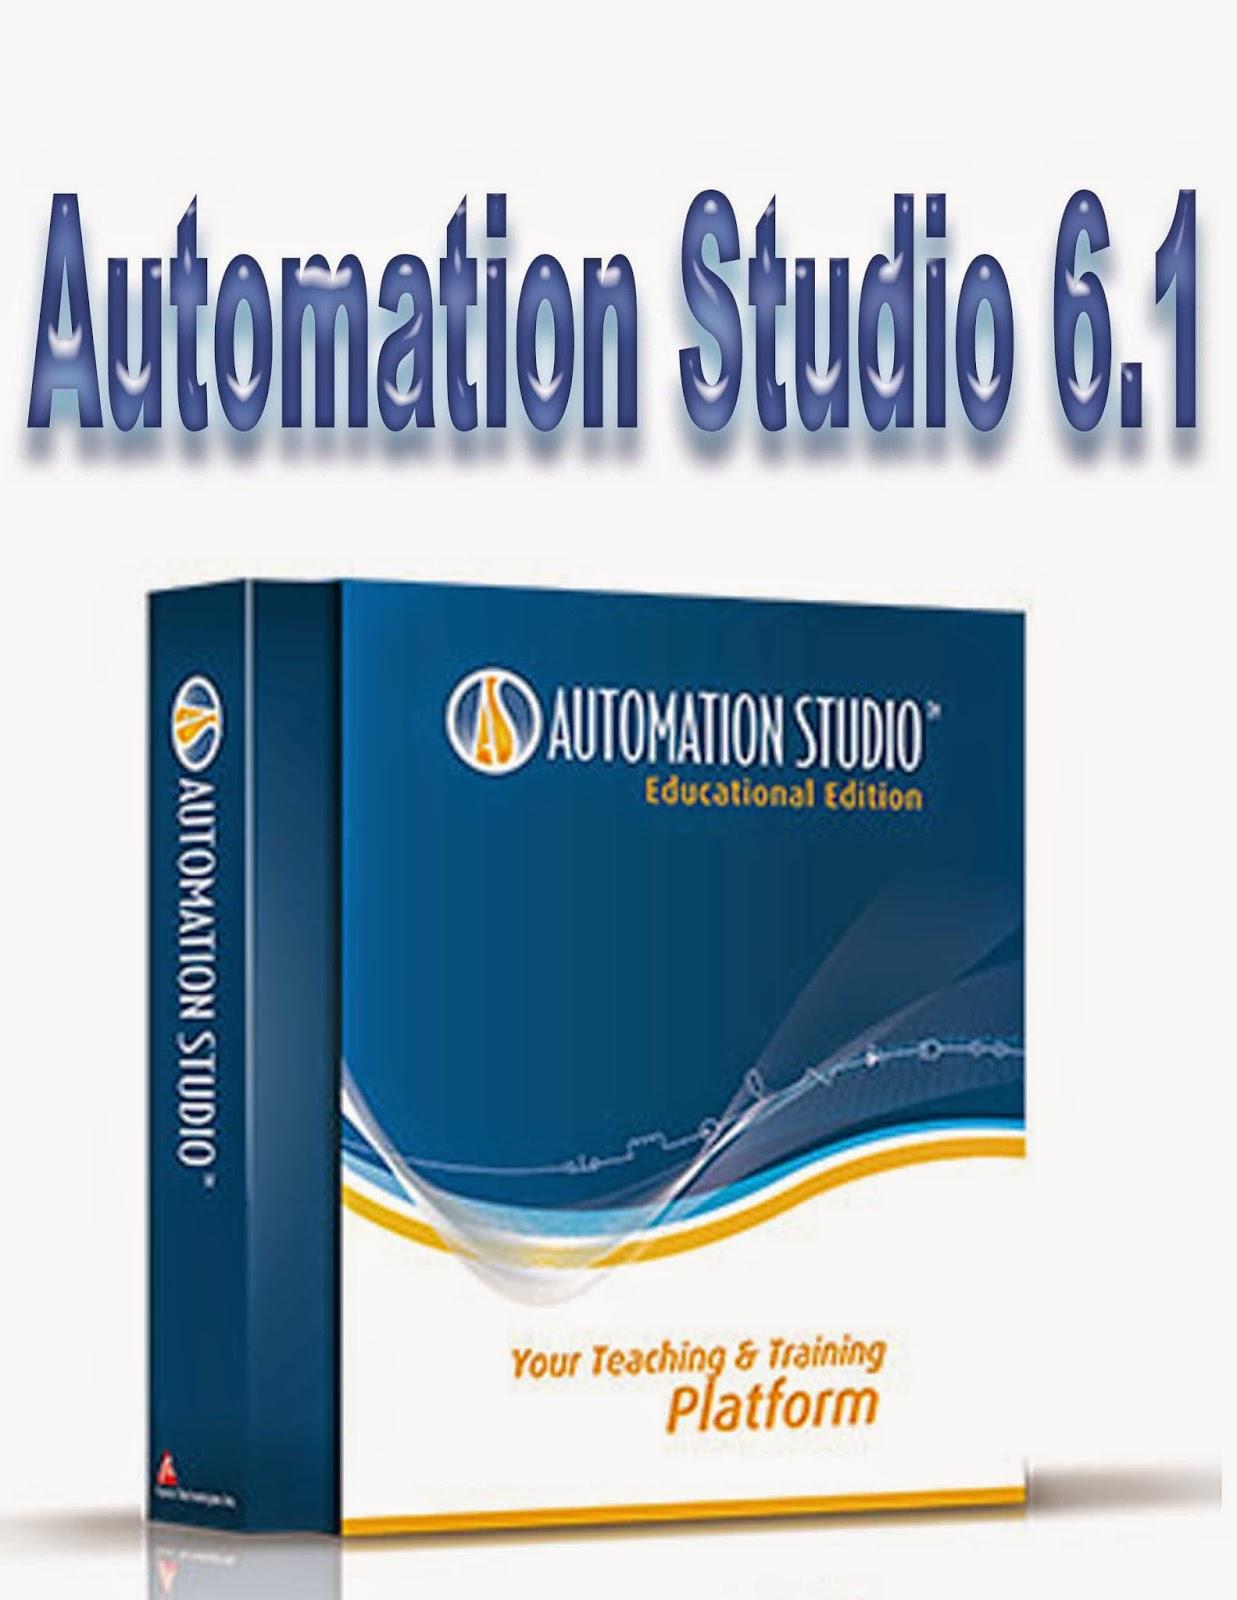 automation studio 6.1 gratuit